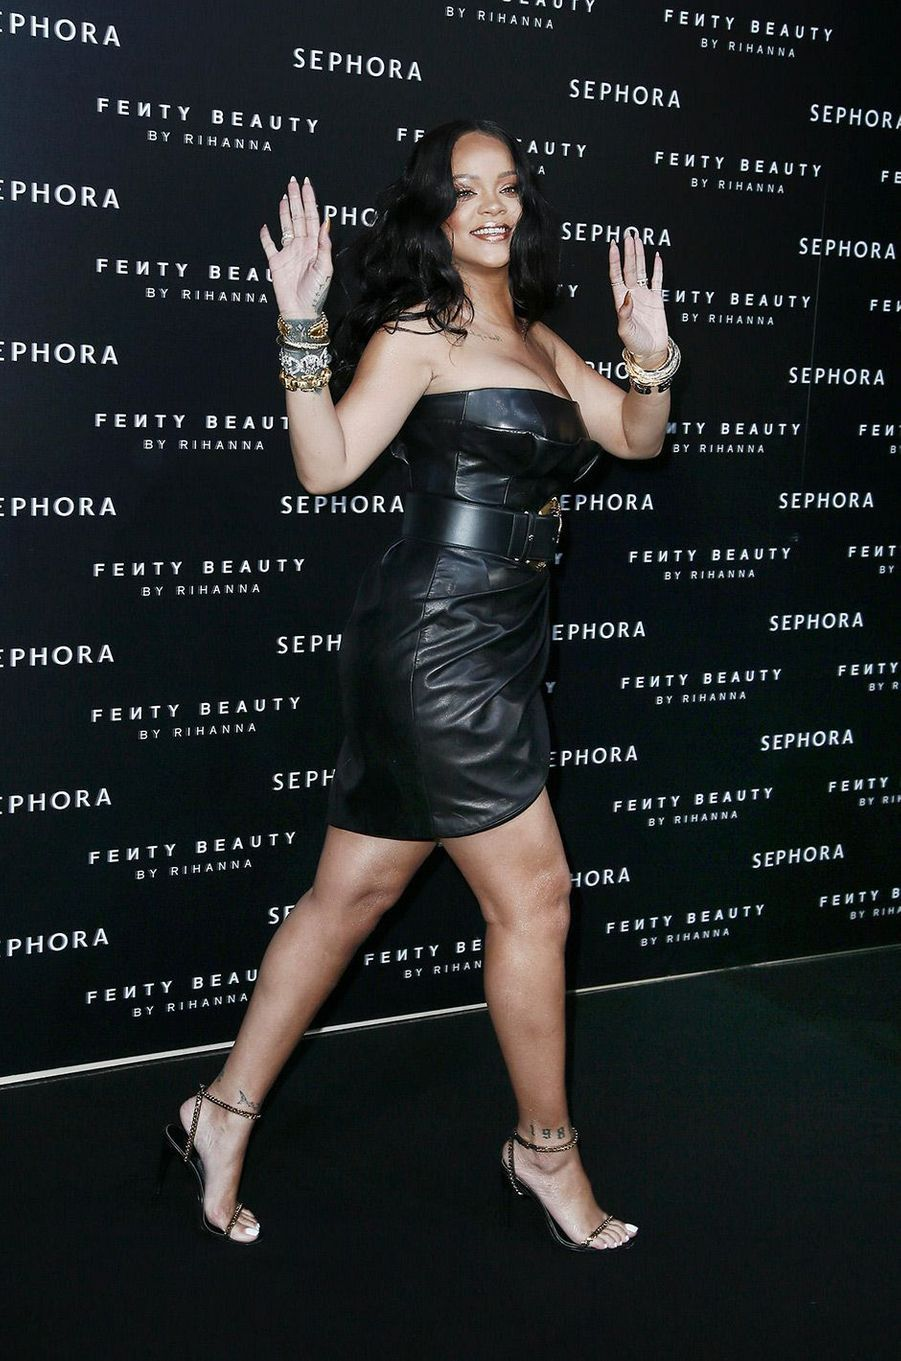 Rihanna au lancement de ses produits pour le corps Fenty Beauty à Milan